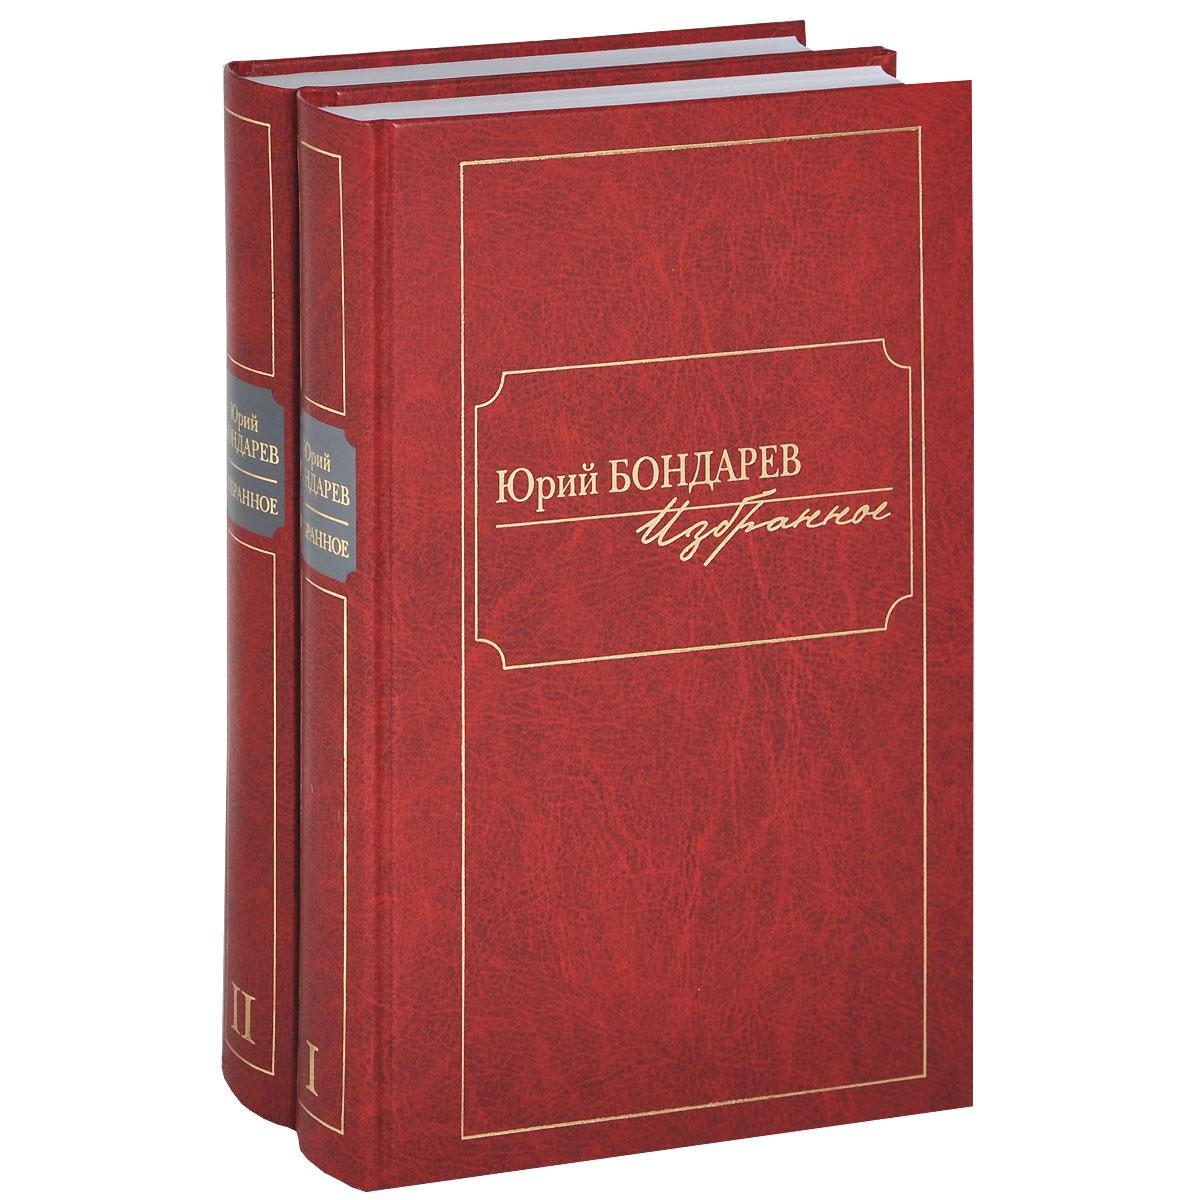 Юрий Бондарев. Избранное. В 2 томах (комплект)